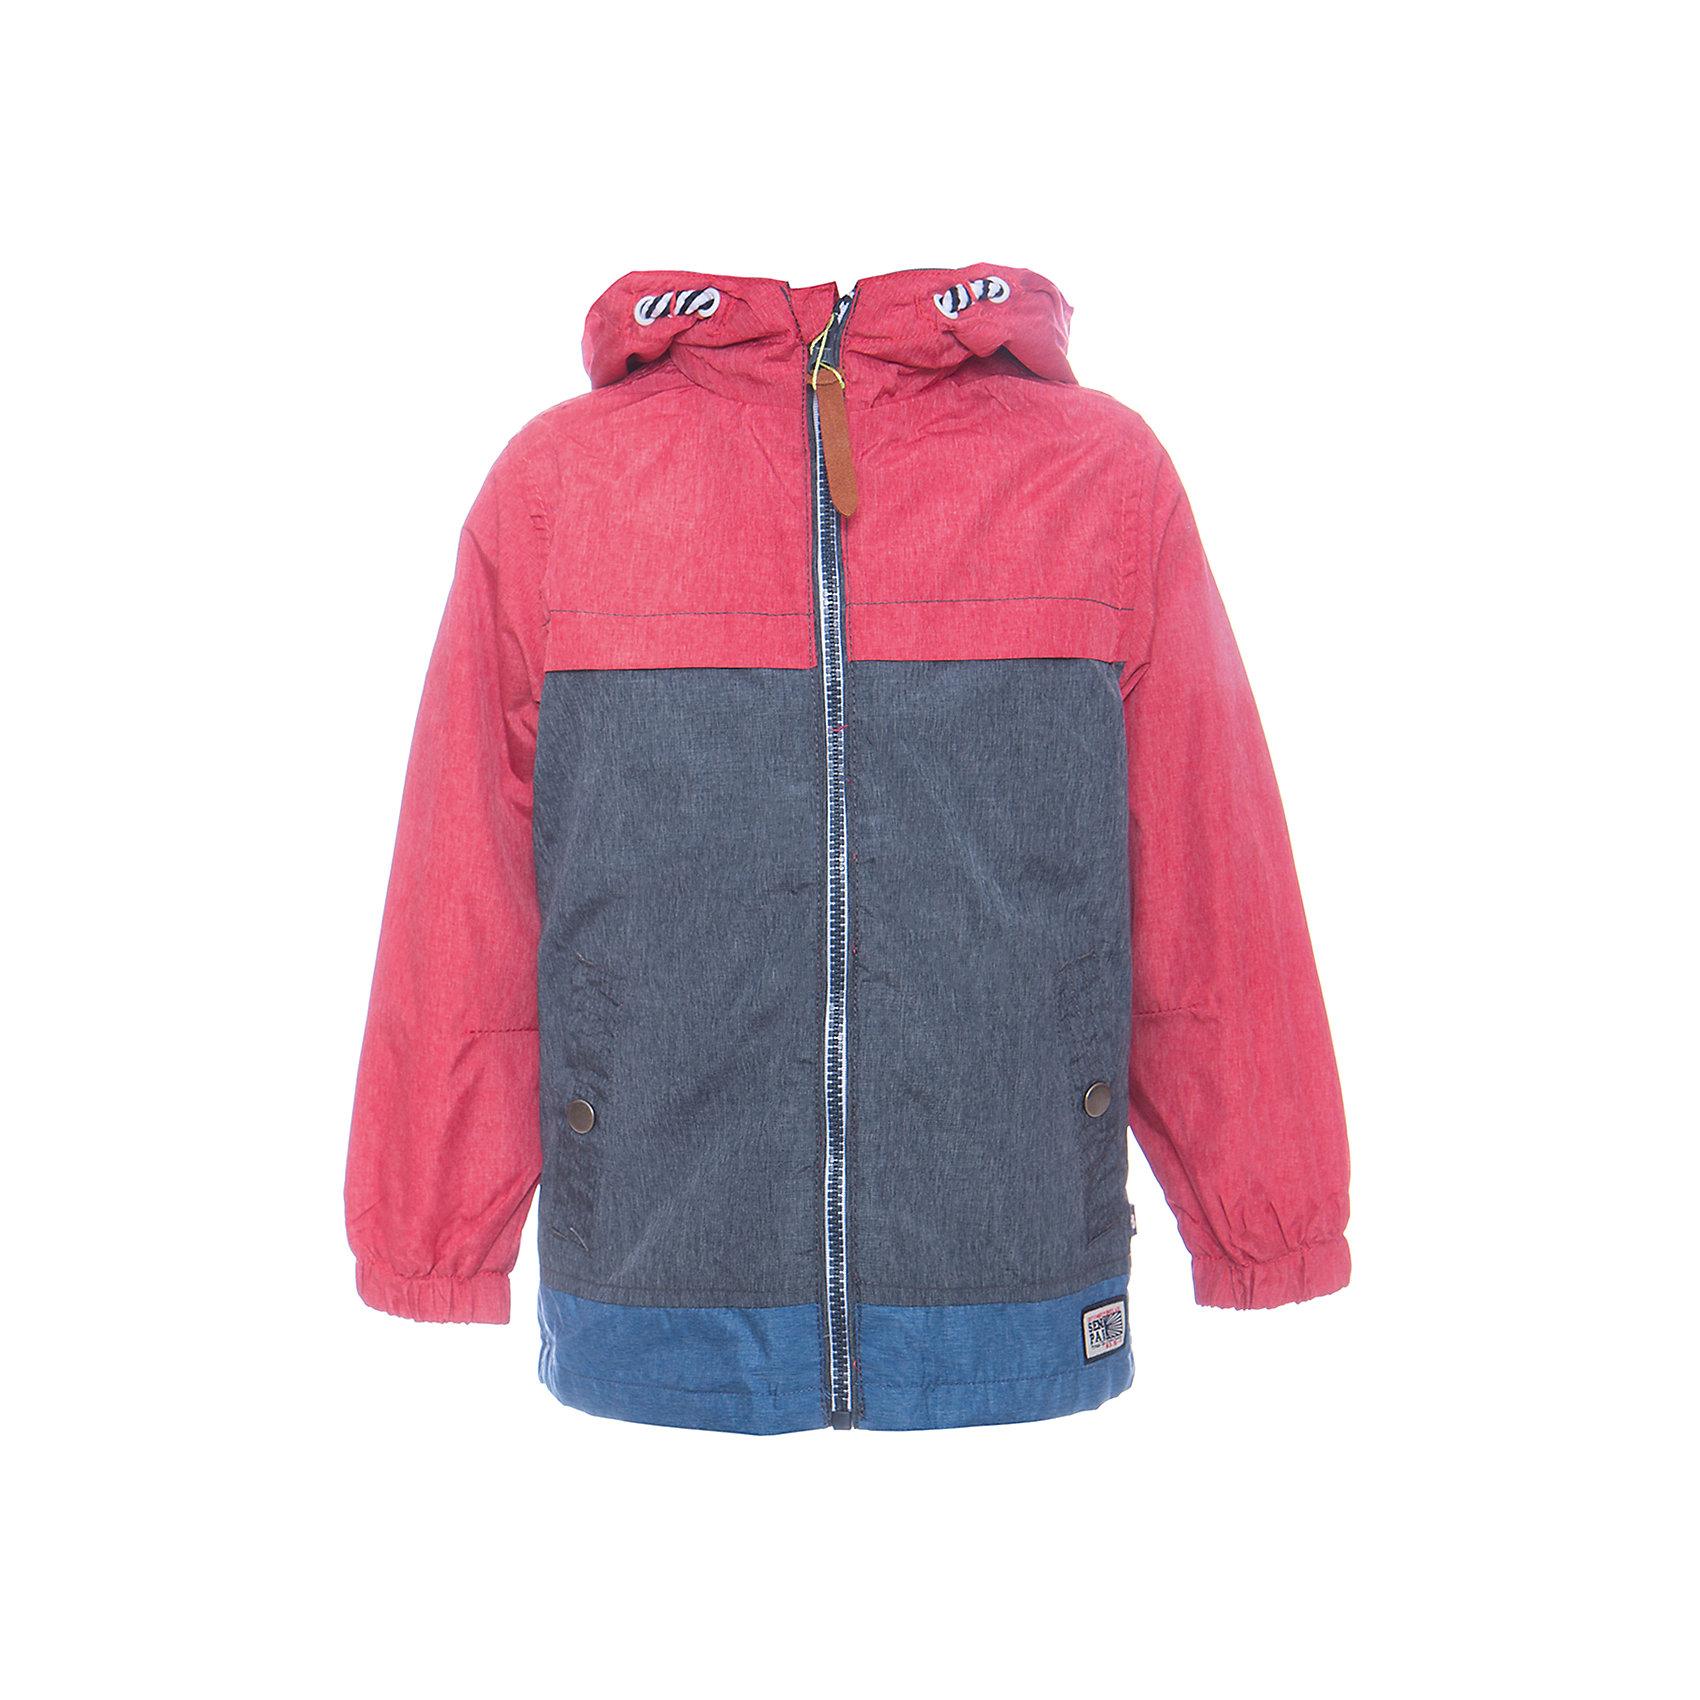 Ветровка для мальчика Sweet BerryВерхняя одежда<br>Стильная, ветровка оригинально сочетает в себе три цвета. С хлопковой подкладкой. Модель с двумя удобными карманами. Капюшон с дополнительной утяжкой. Рукава собраны на мягкую резинку. Комфортная температура эксплуатации от +10 С и выше.<br>Состав:<br>Верх: 75%нейлон, 25%полиэстер.  Подкладка: 100%хлопок.<br><br>Ширина мм: 356<br>Глубина мм: 10<br>Высота мм: 245<br>Вес г: 519<br>Цвет: красный<br>Возраст от месяцев: 12<br>Возраст до месяцев: 15<br>Пол: Мужской<br>Возраст: Детский<br>Размер: 80,86,92,98<br>SKU: 5411710